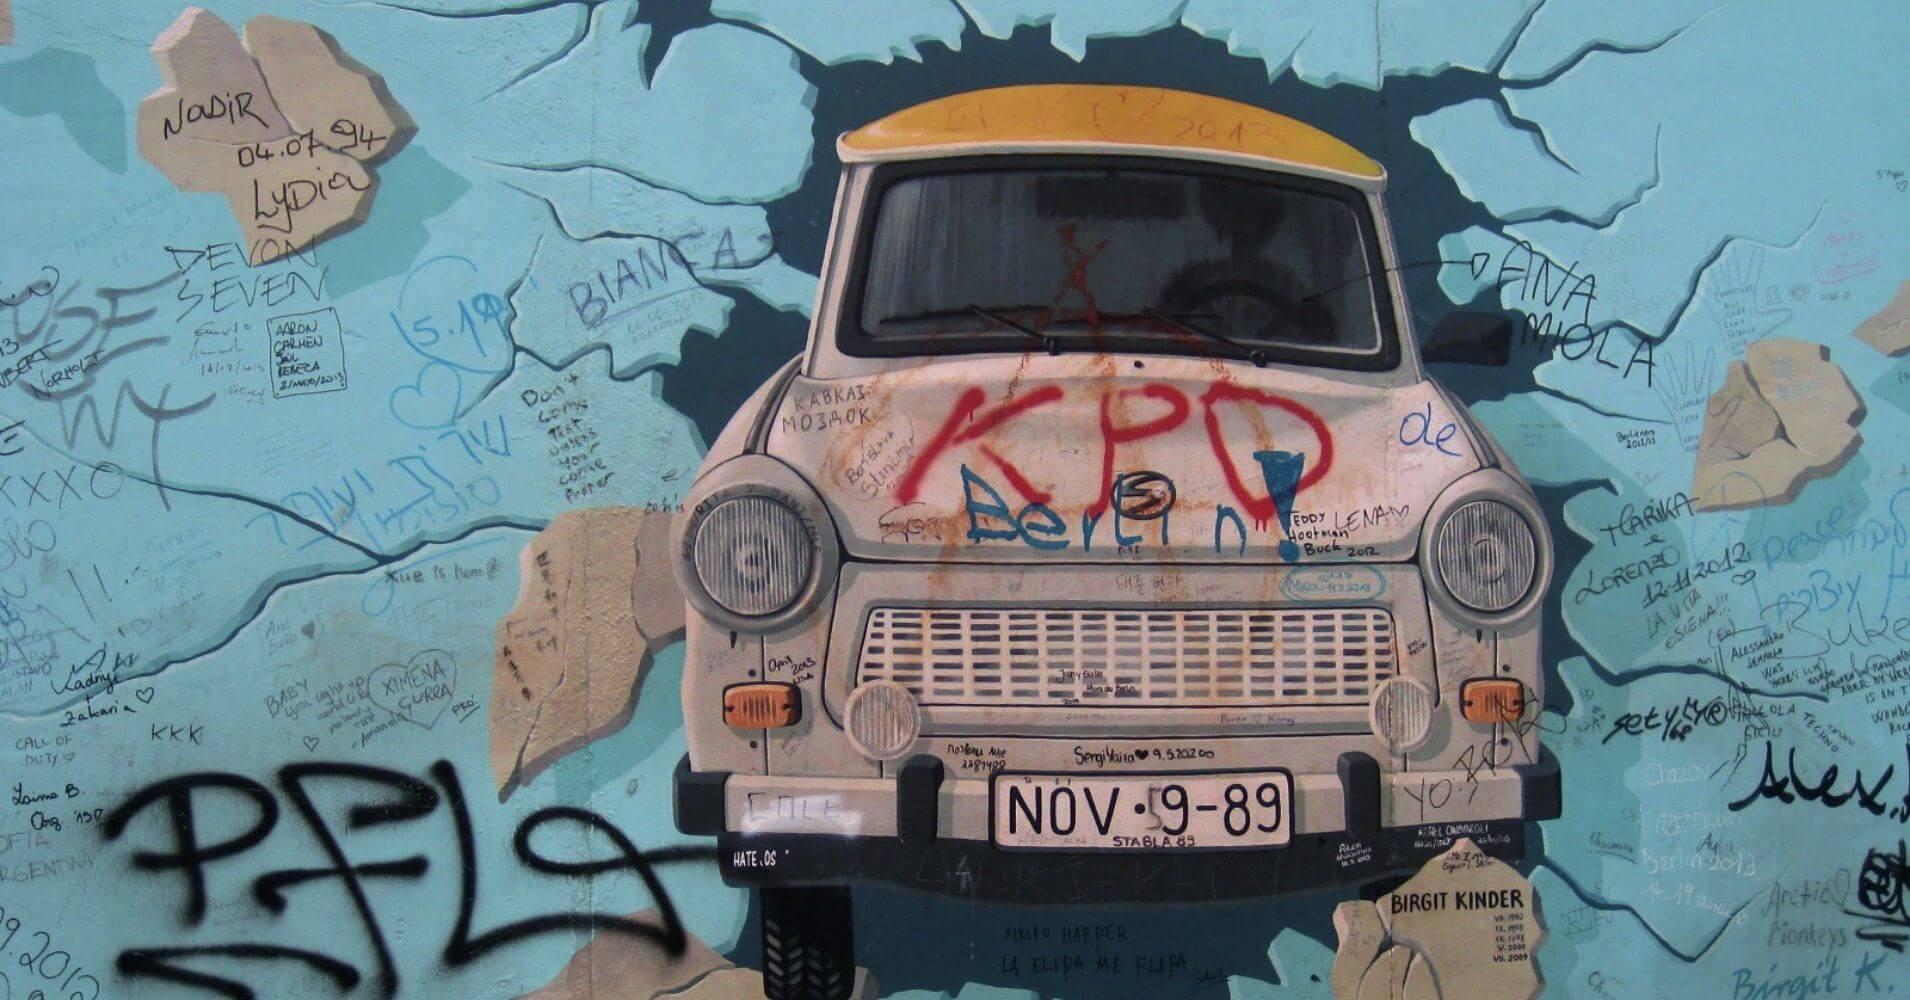 El Muro de Berlín. East Side Gallery. Alemania.